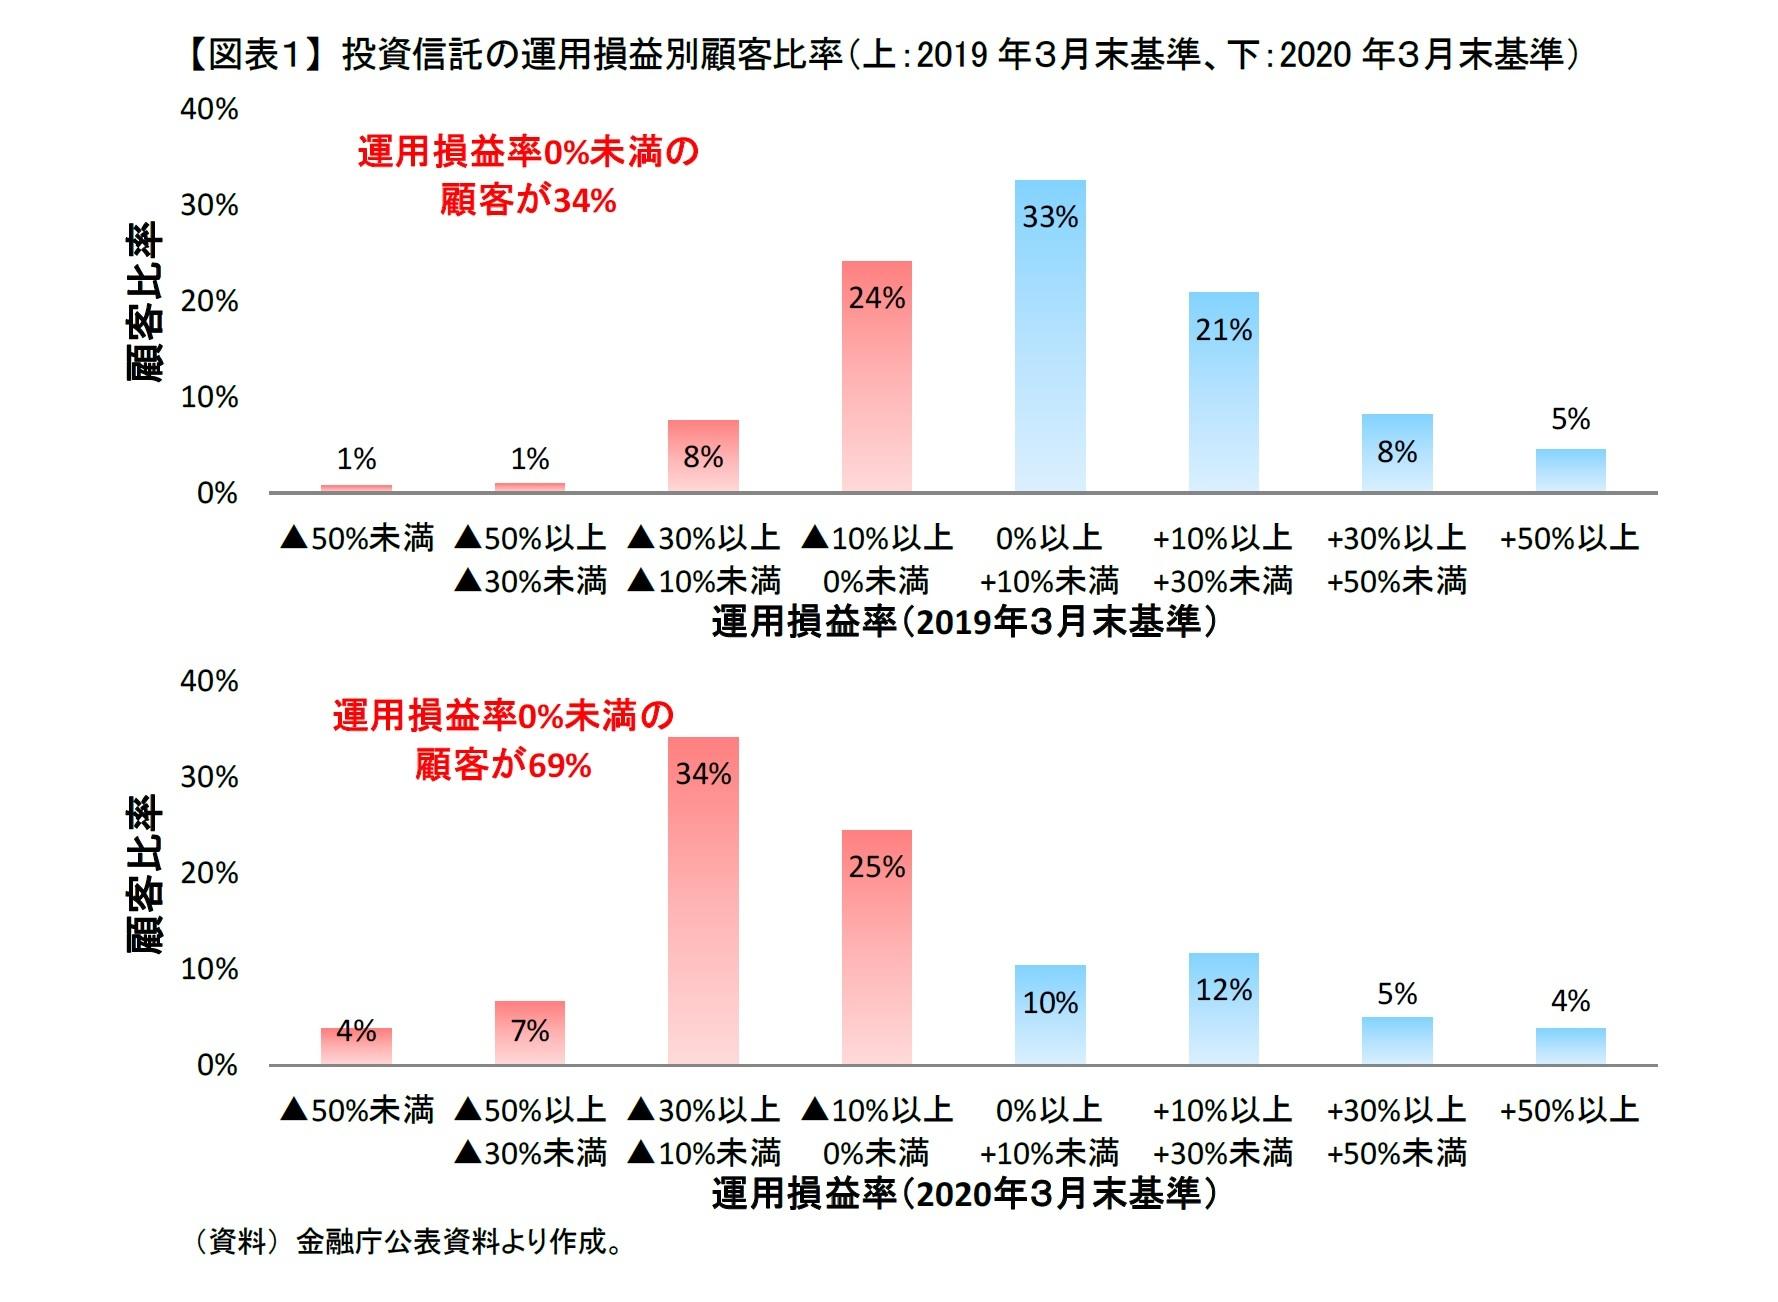 【図表1】 投資信託の運用損益別顧客比率(上:2019年3月末基準、下:2020年3月末基準)